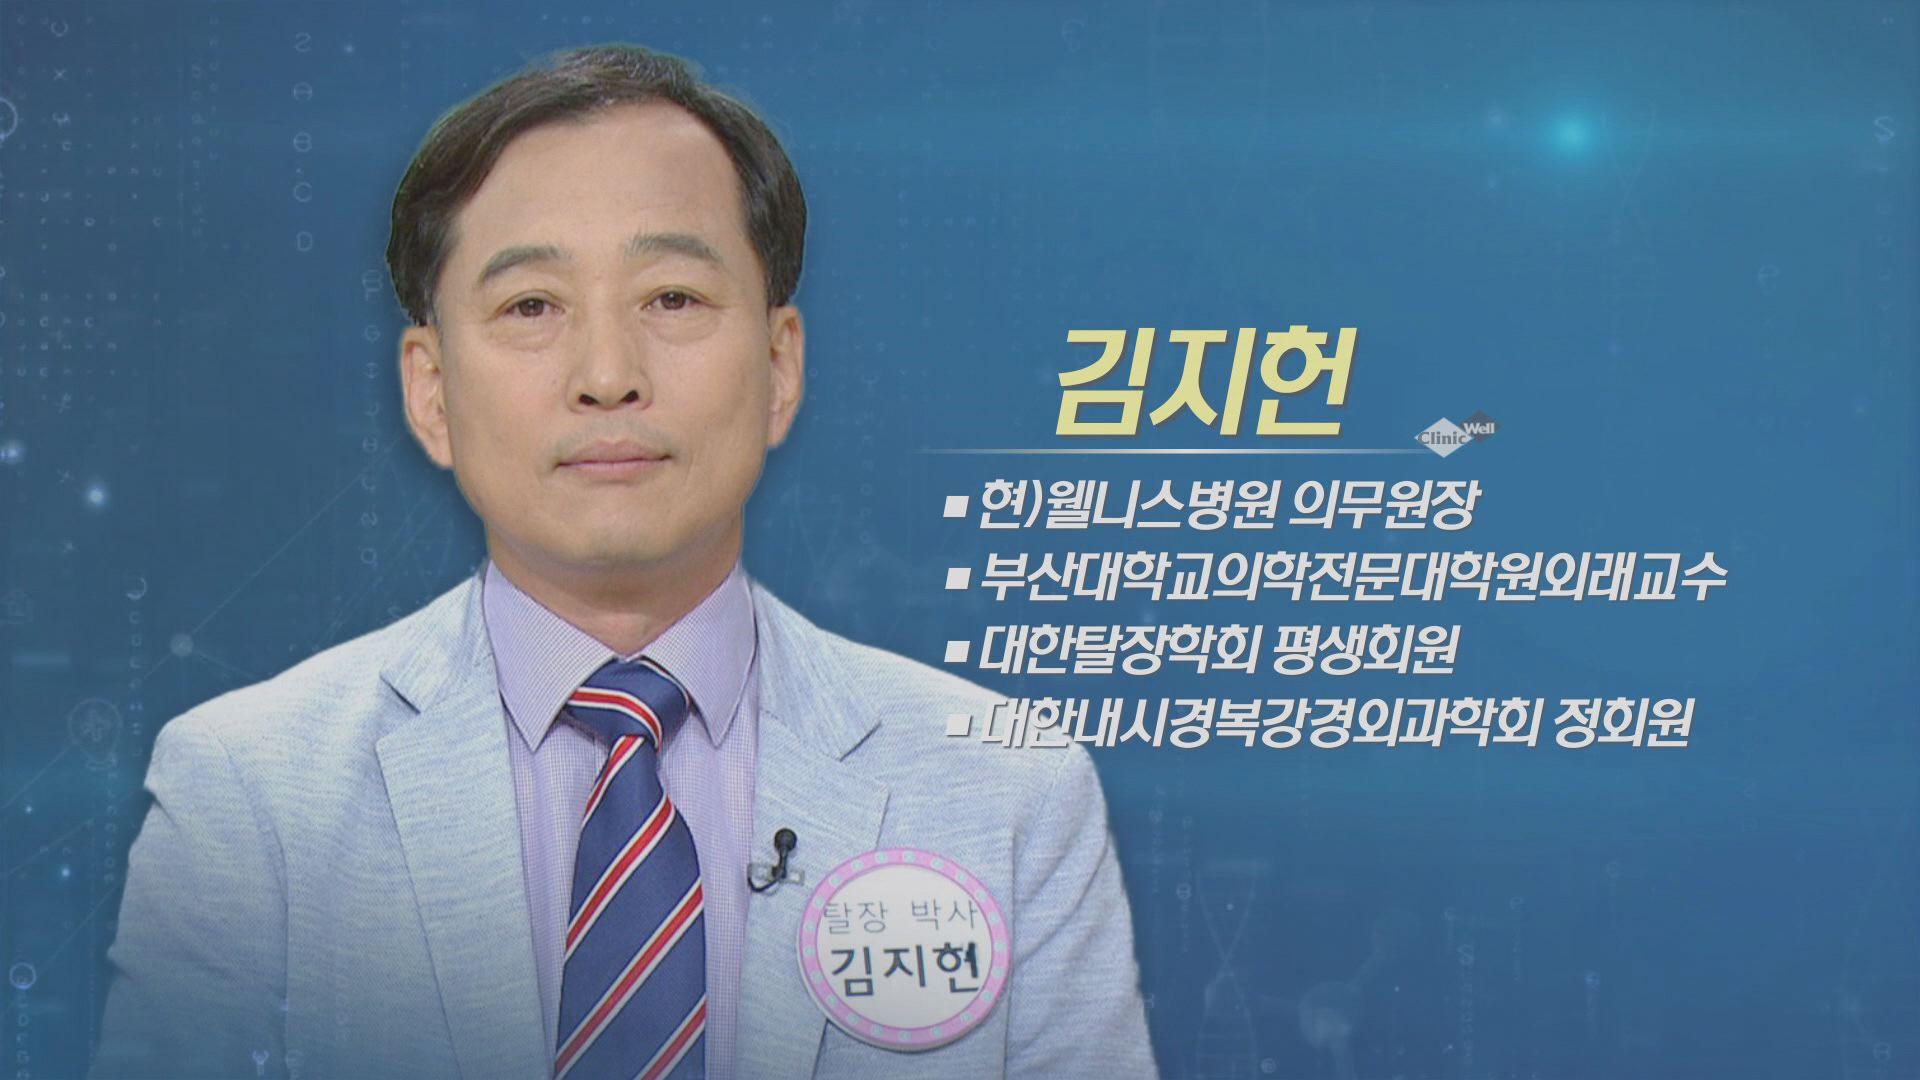 (09/23 방영) 탈장, 그것이 알고 싶다(김지헌/웰니스병원 의무원장)